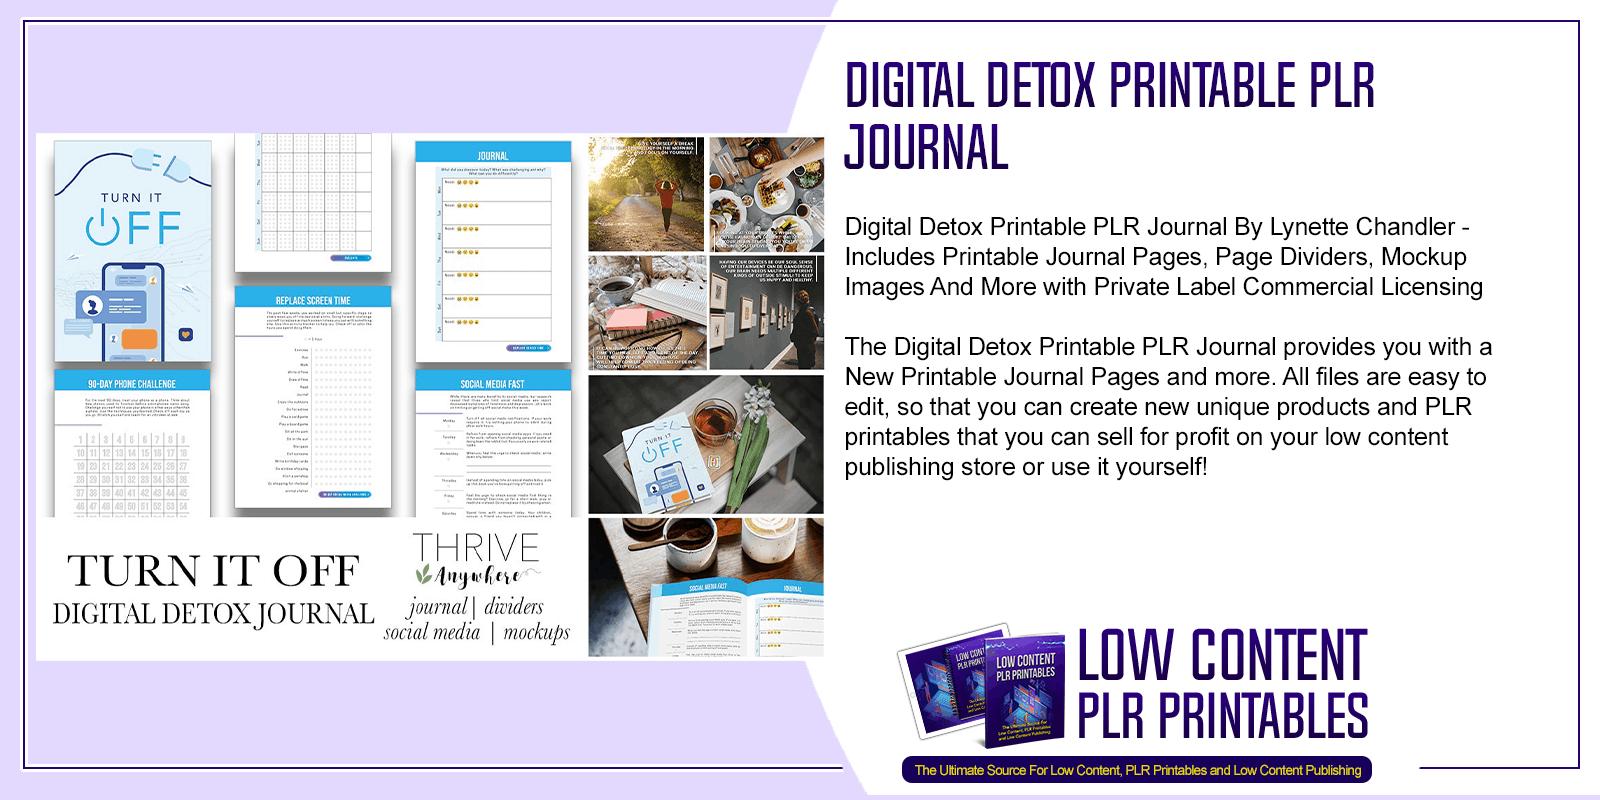 Digital Detox Printable PLR Journal